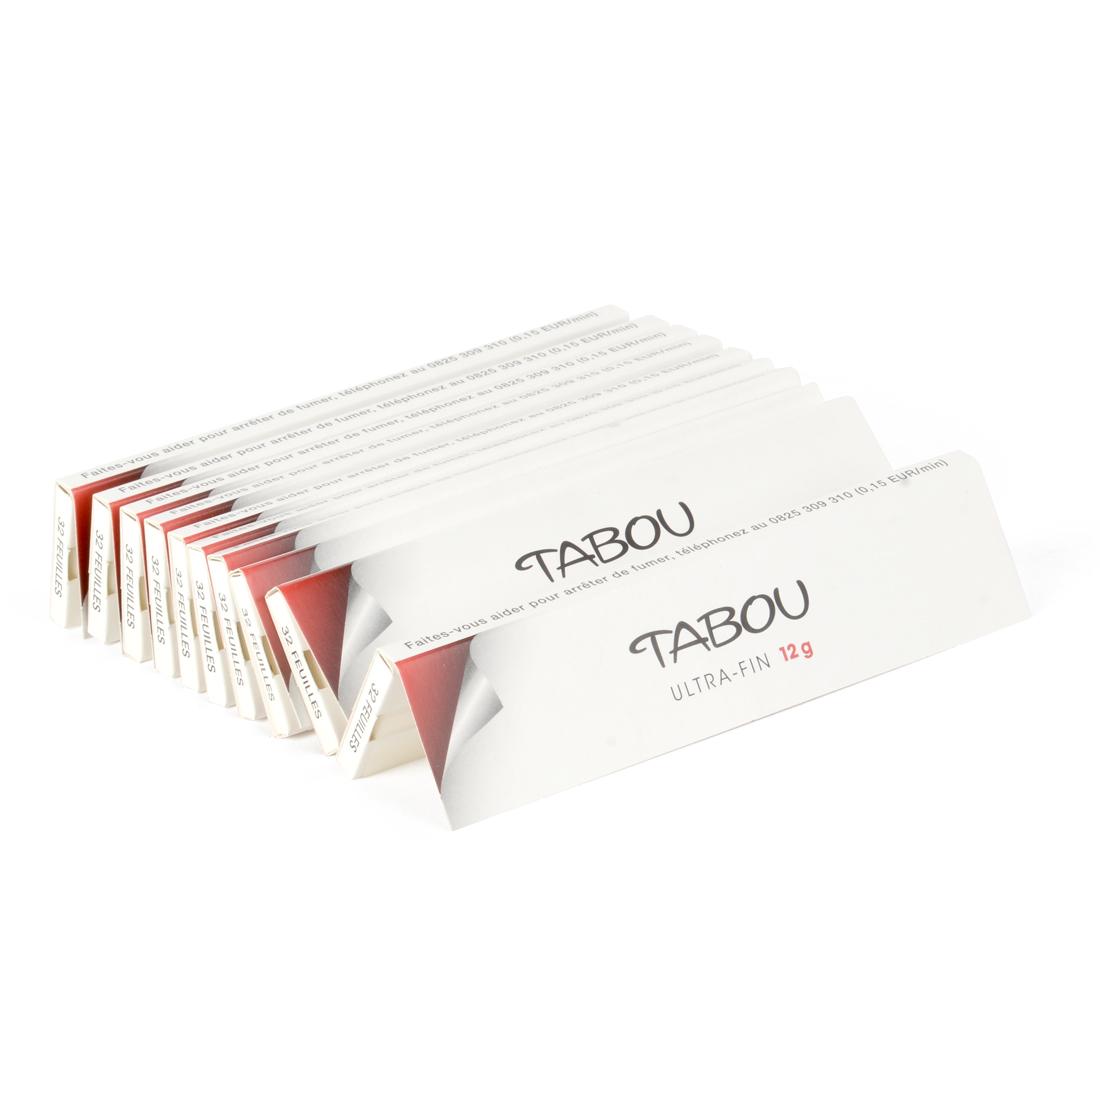 carnets de feuilles tabou